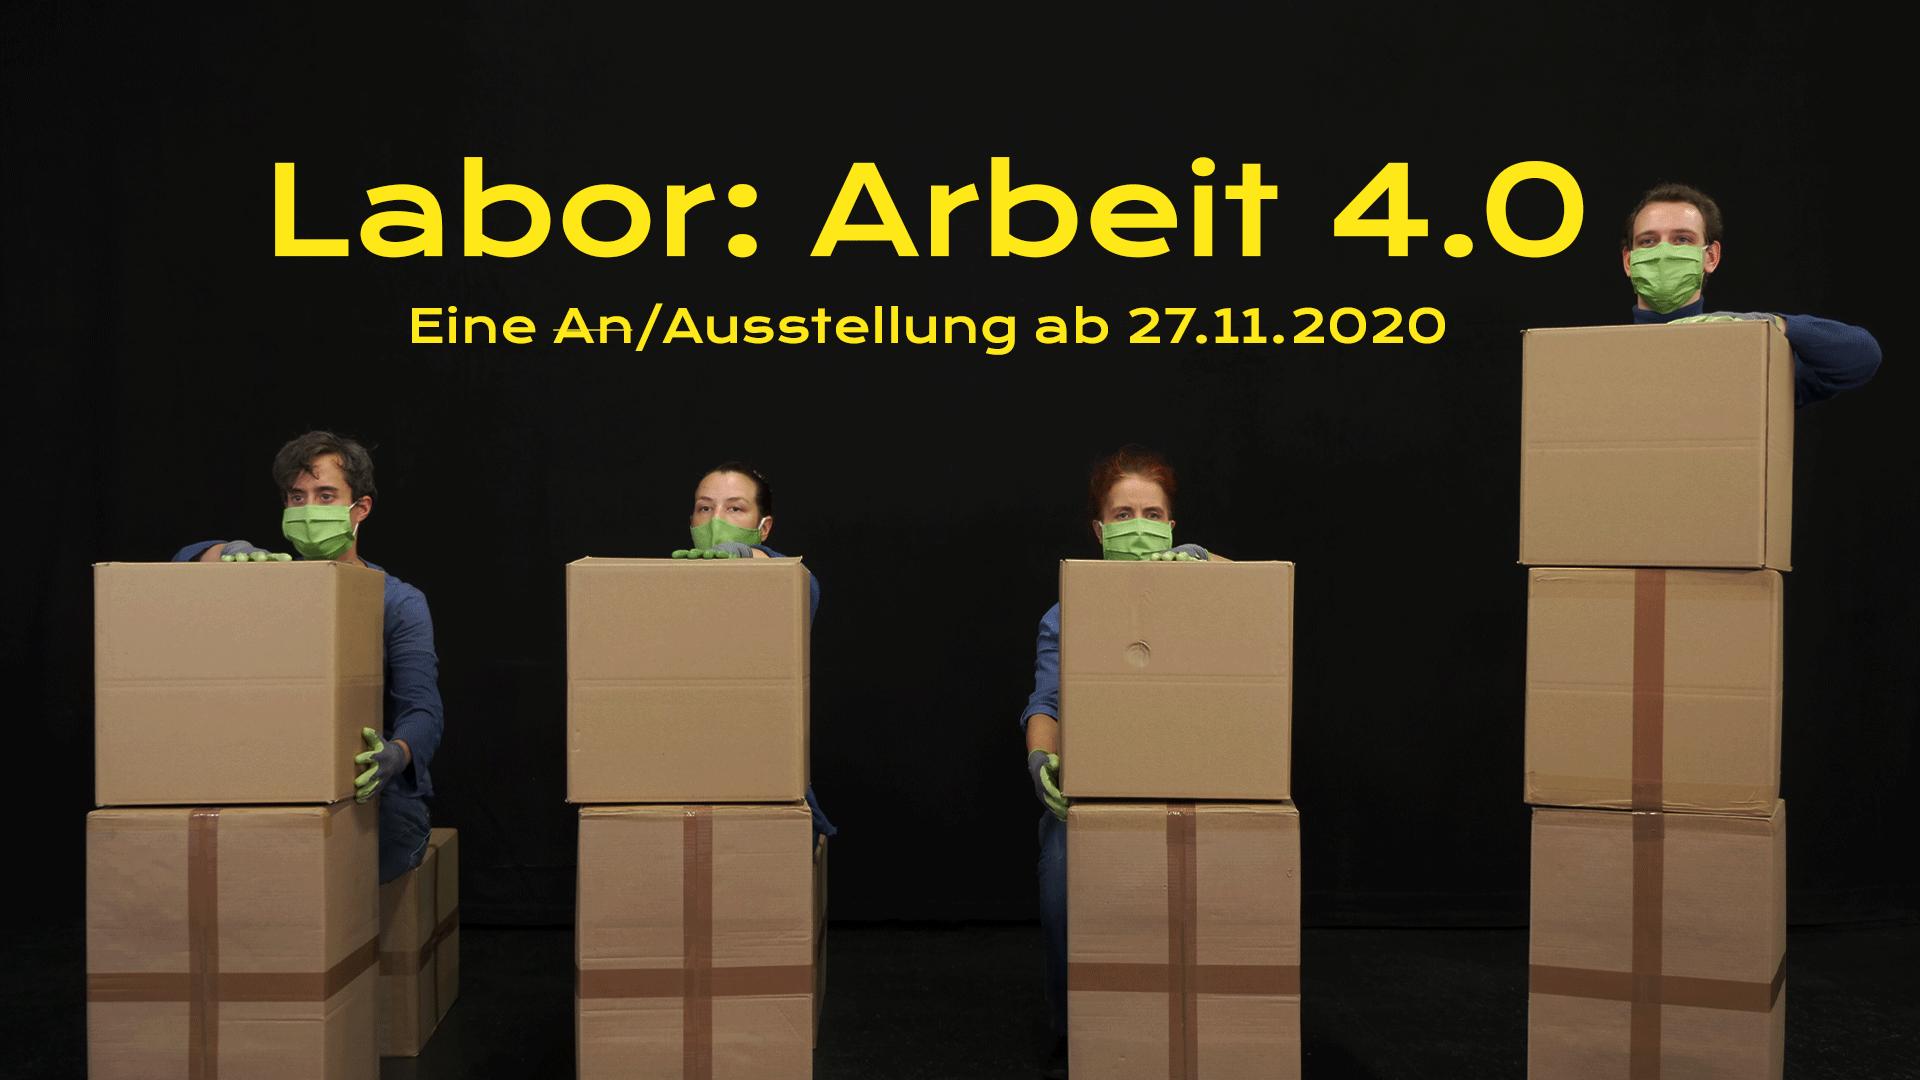 Caroline Betz Schauspielerin Köln Film Fernsehen Theater Bühne Webausstellung Arbeit 4.0